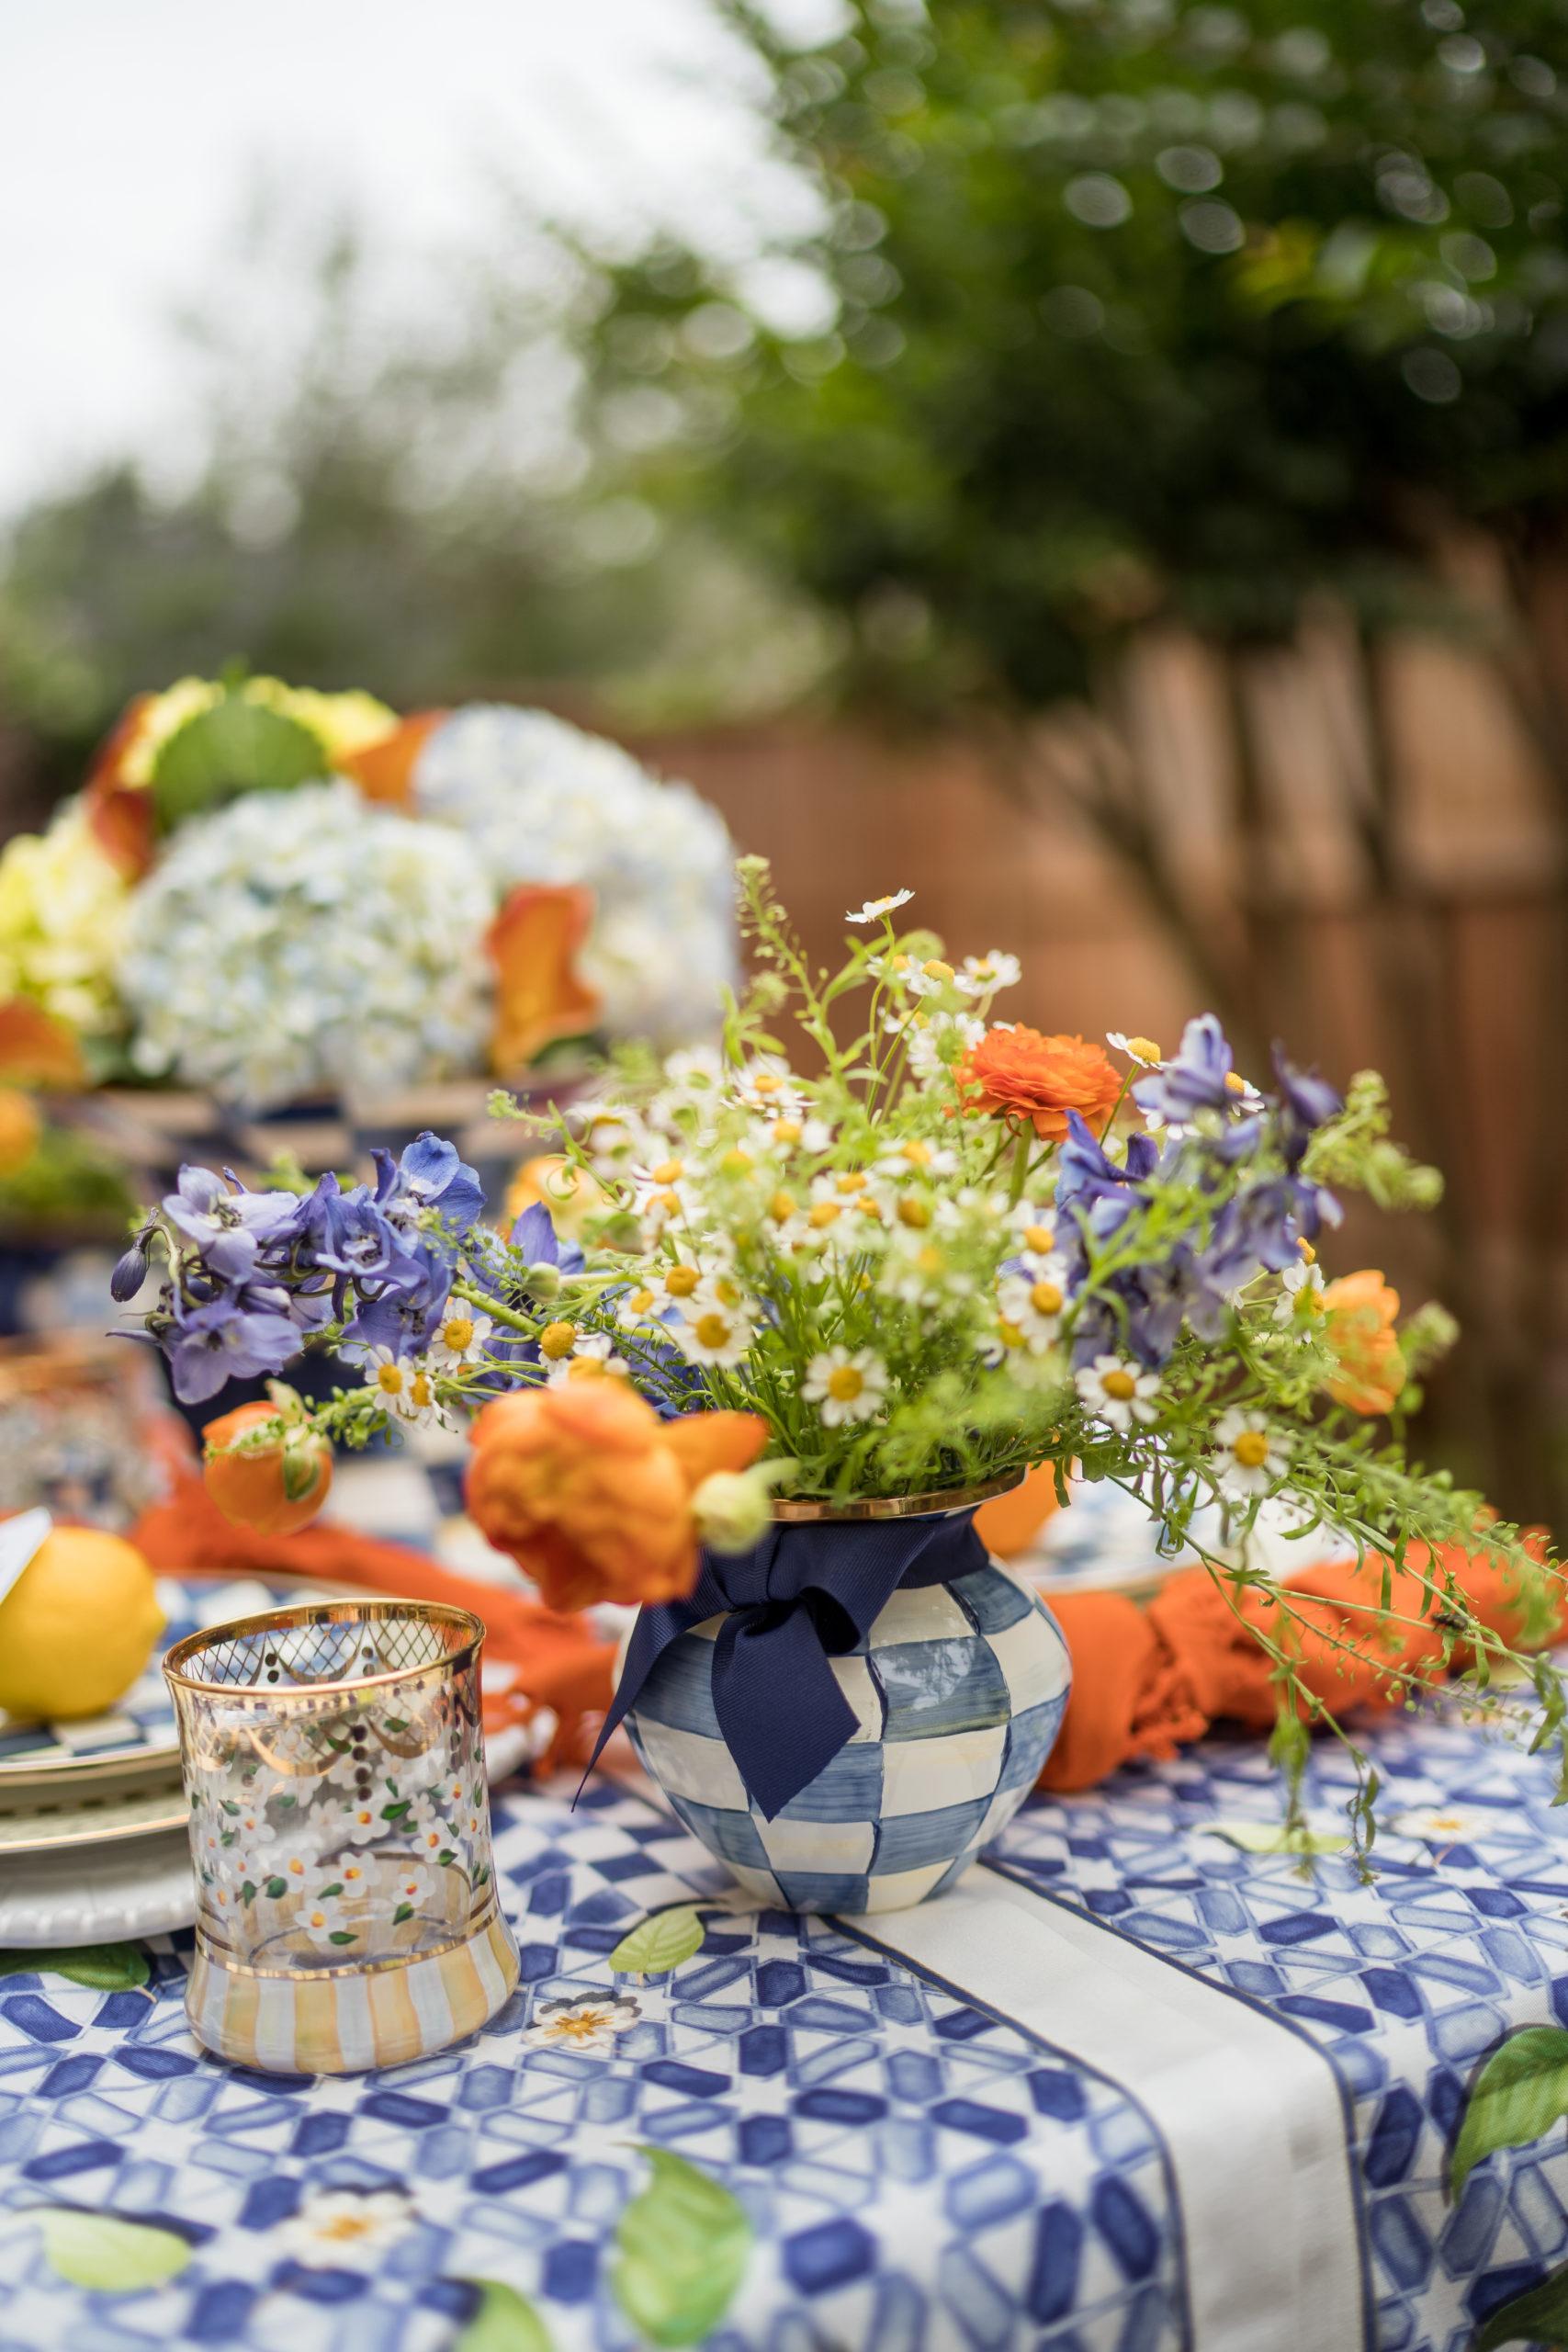 Al fresco summer table setting